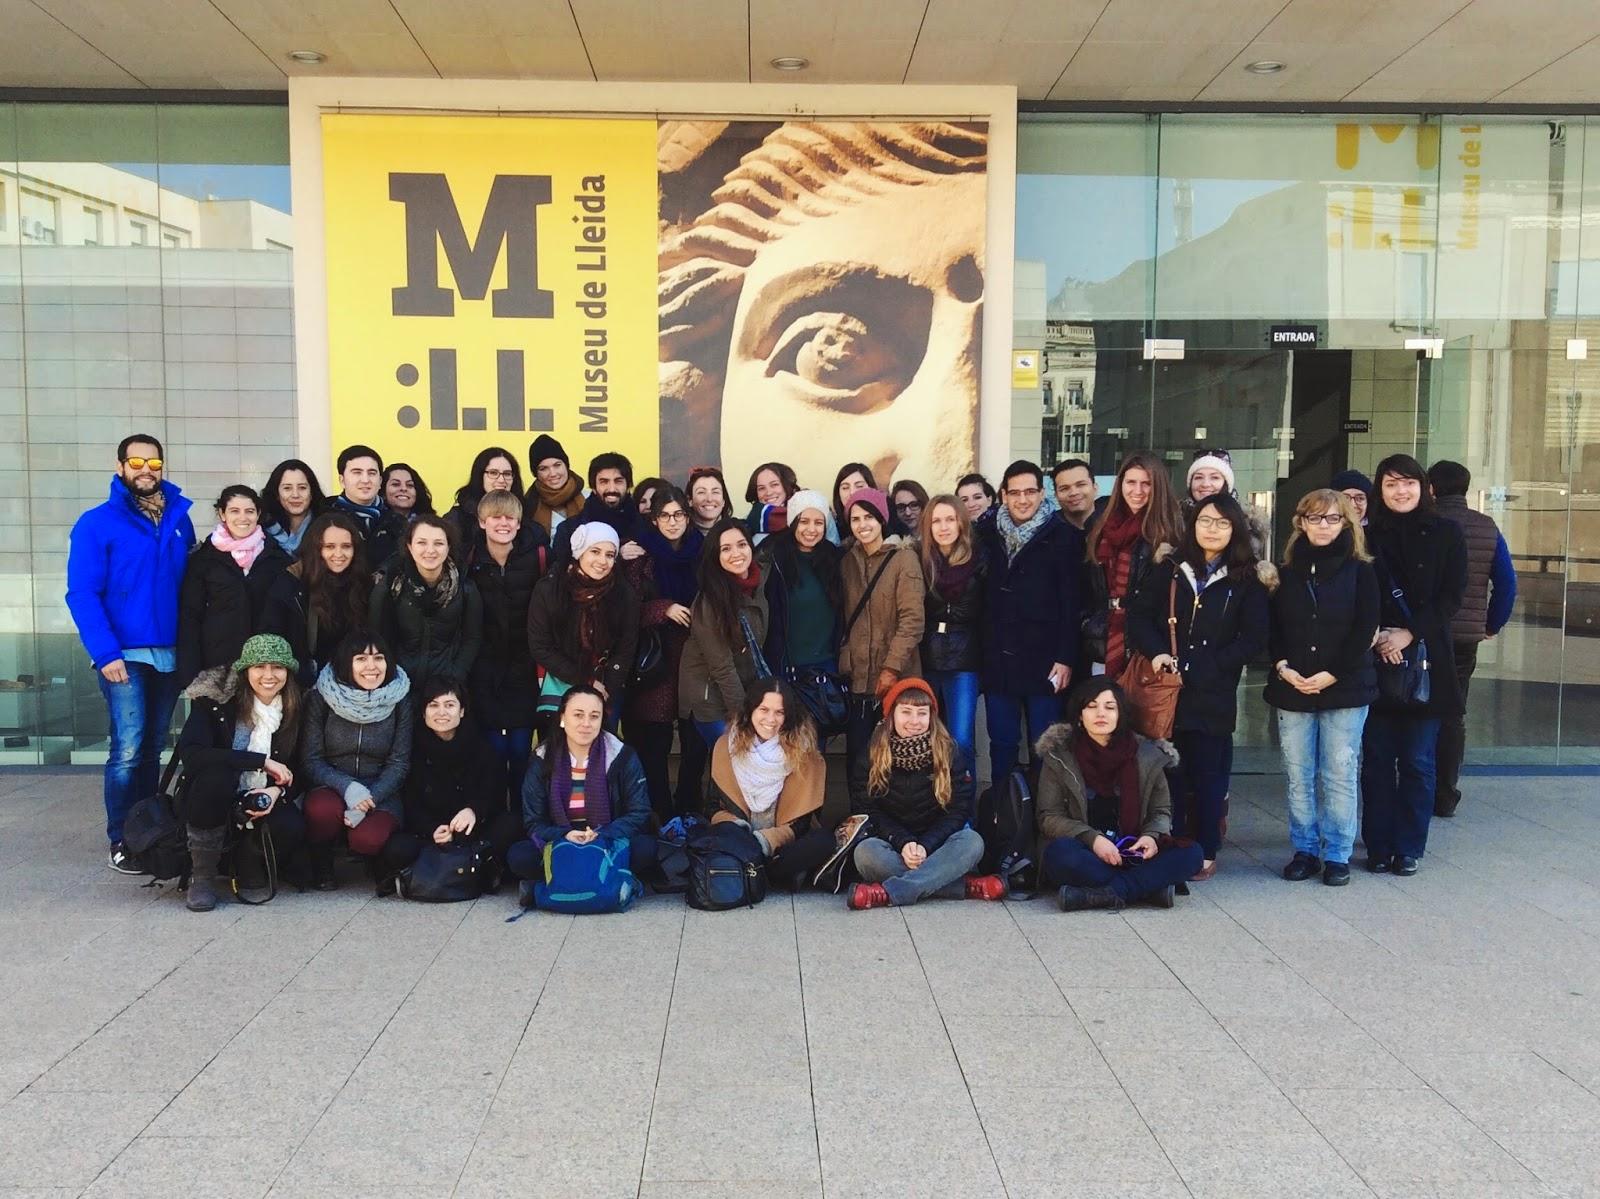 Nuestros alumnos del Máster Universitario en gestión Cultural en el Museu de Lleida Diocesà i Comarcal.